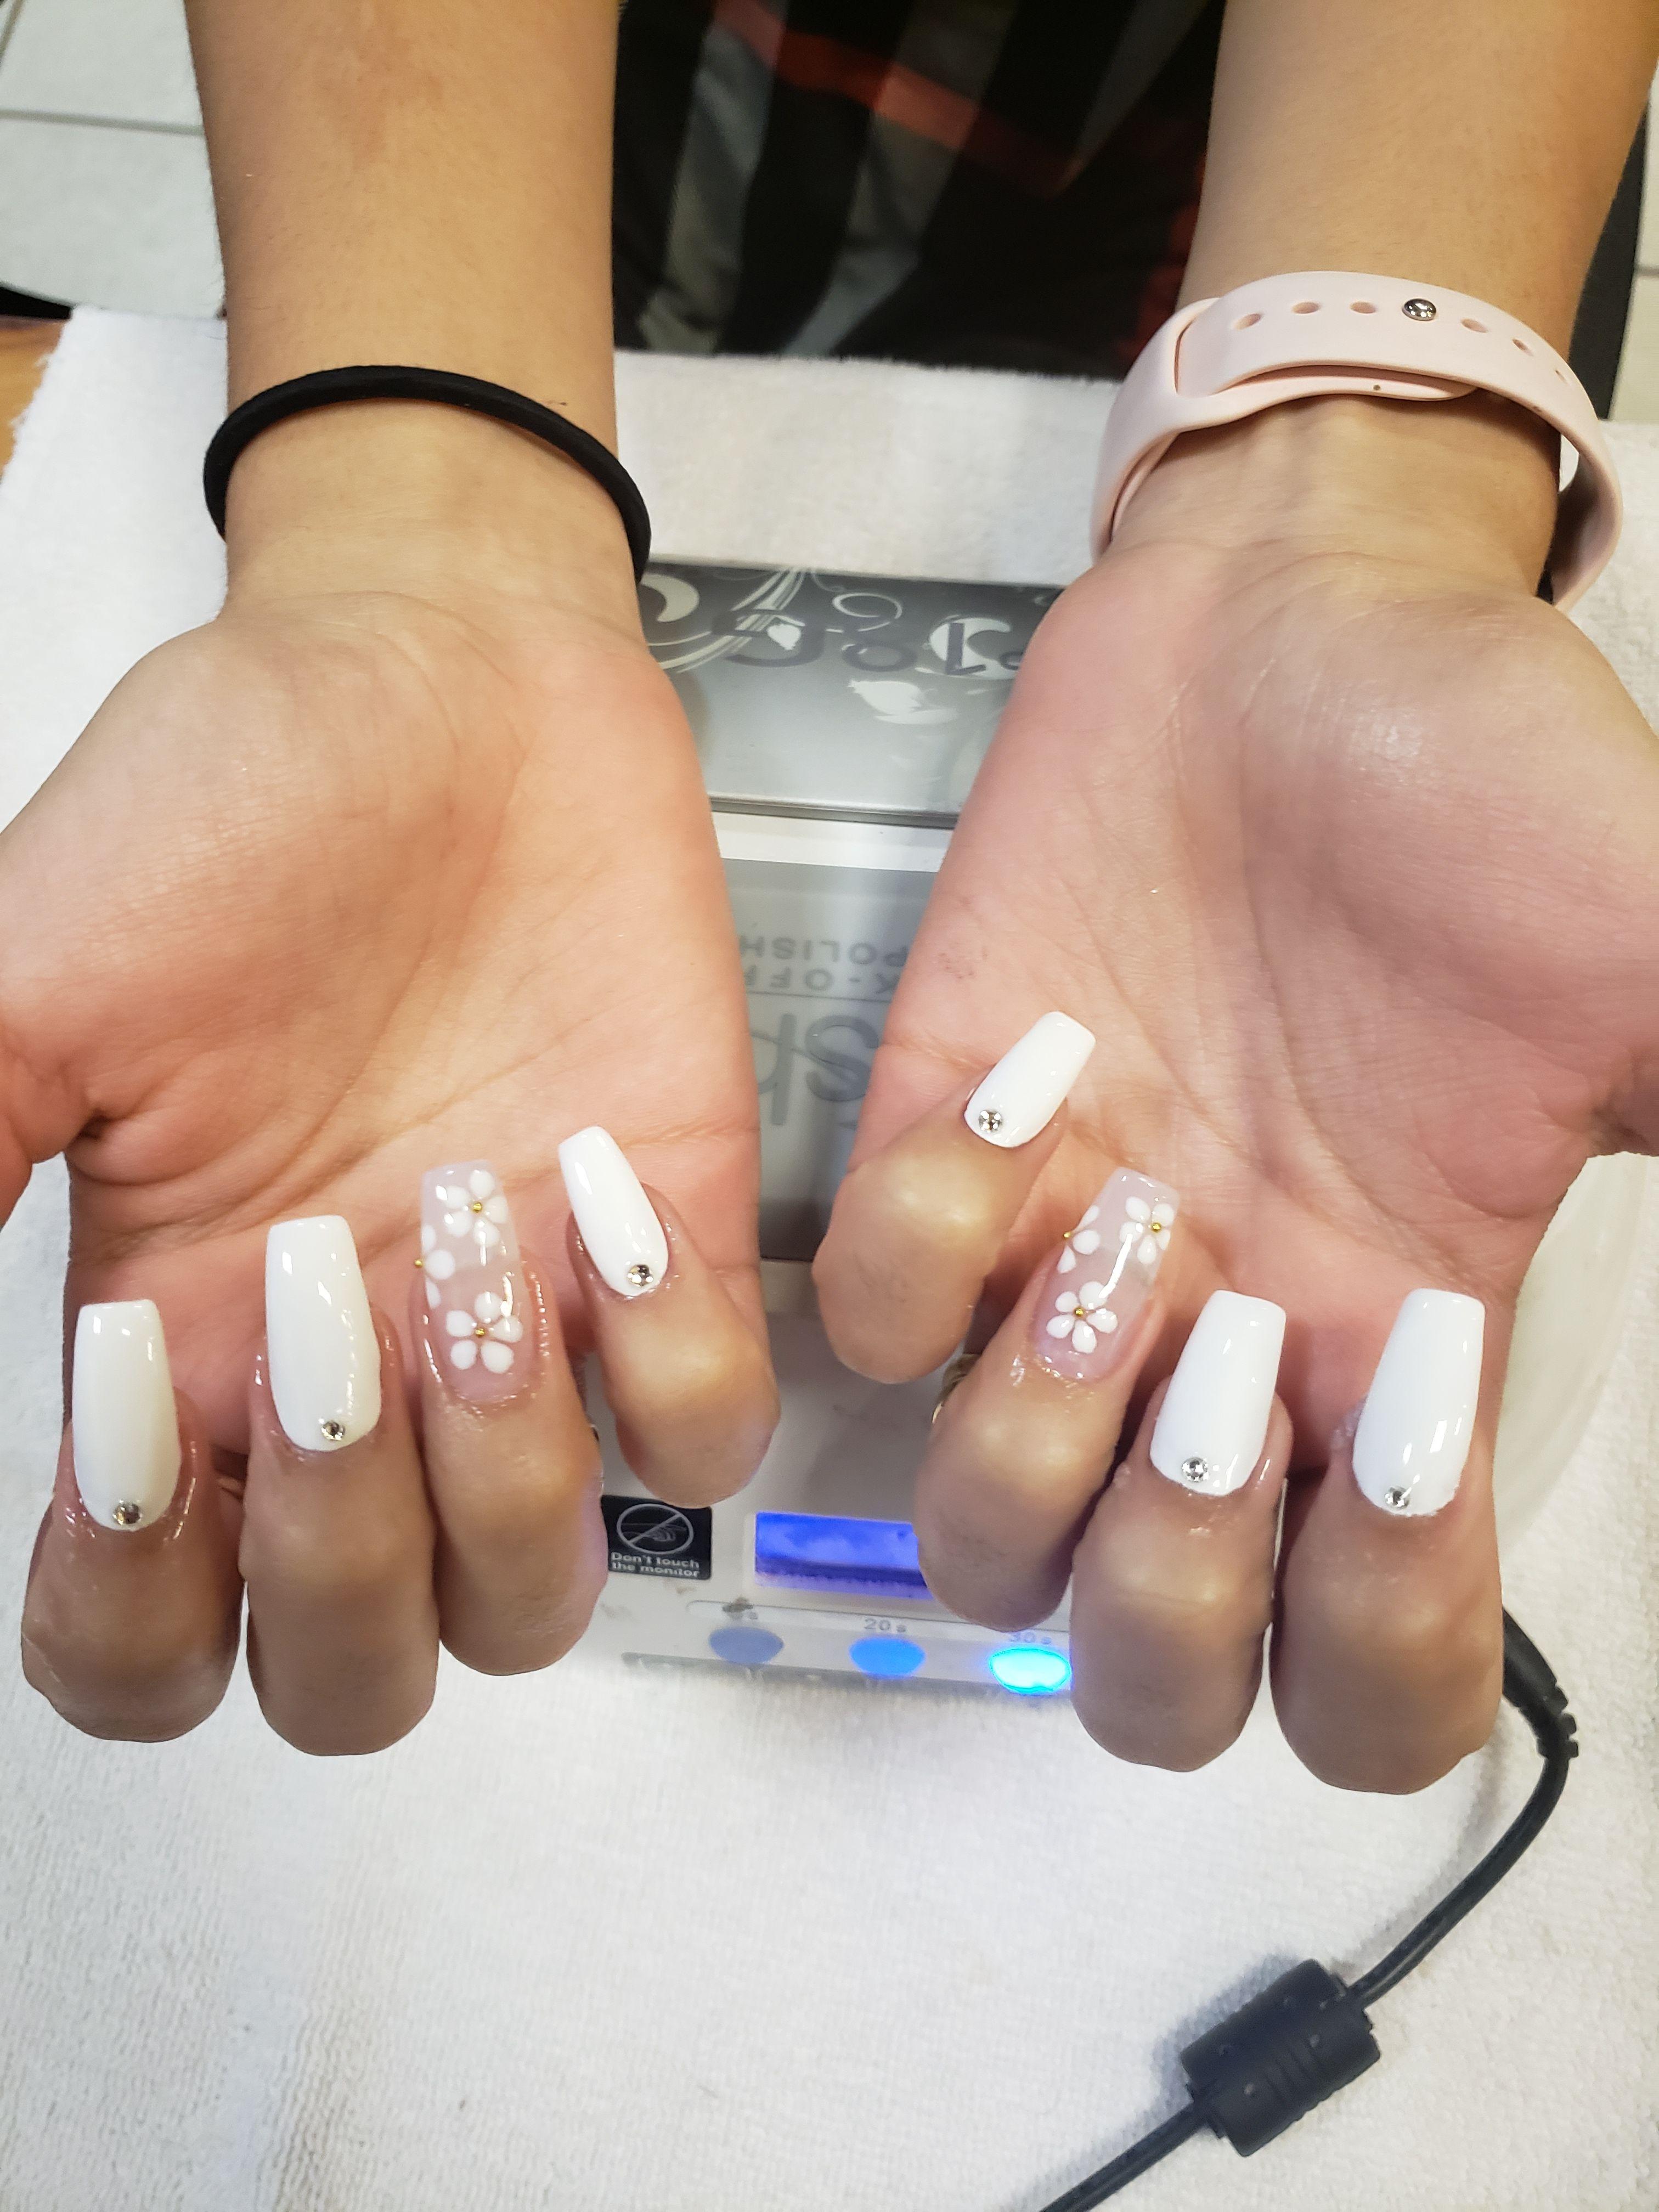 Nail Design Idea For Acrylic Nails Naildesign Nailart Flowernail Flowernailart Whiteflower Whitenail Nai In 2020 Acrylic Nails Sculptured Nails Bad Nails